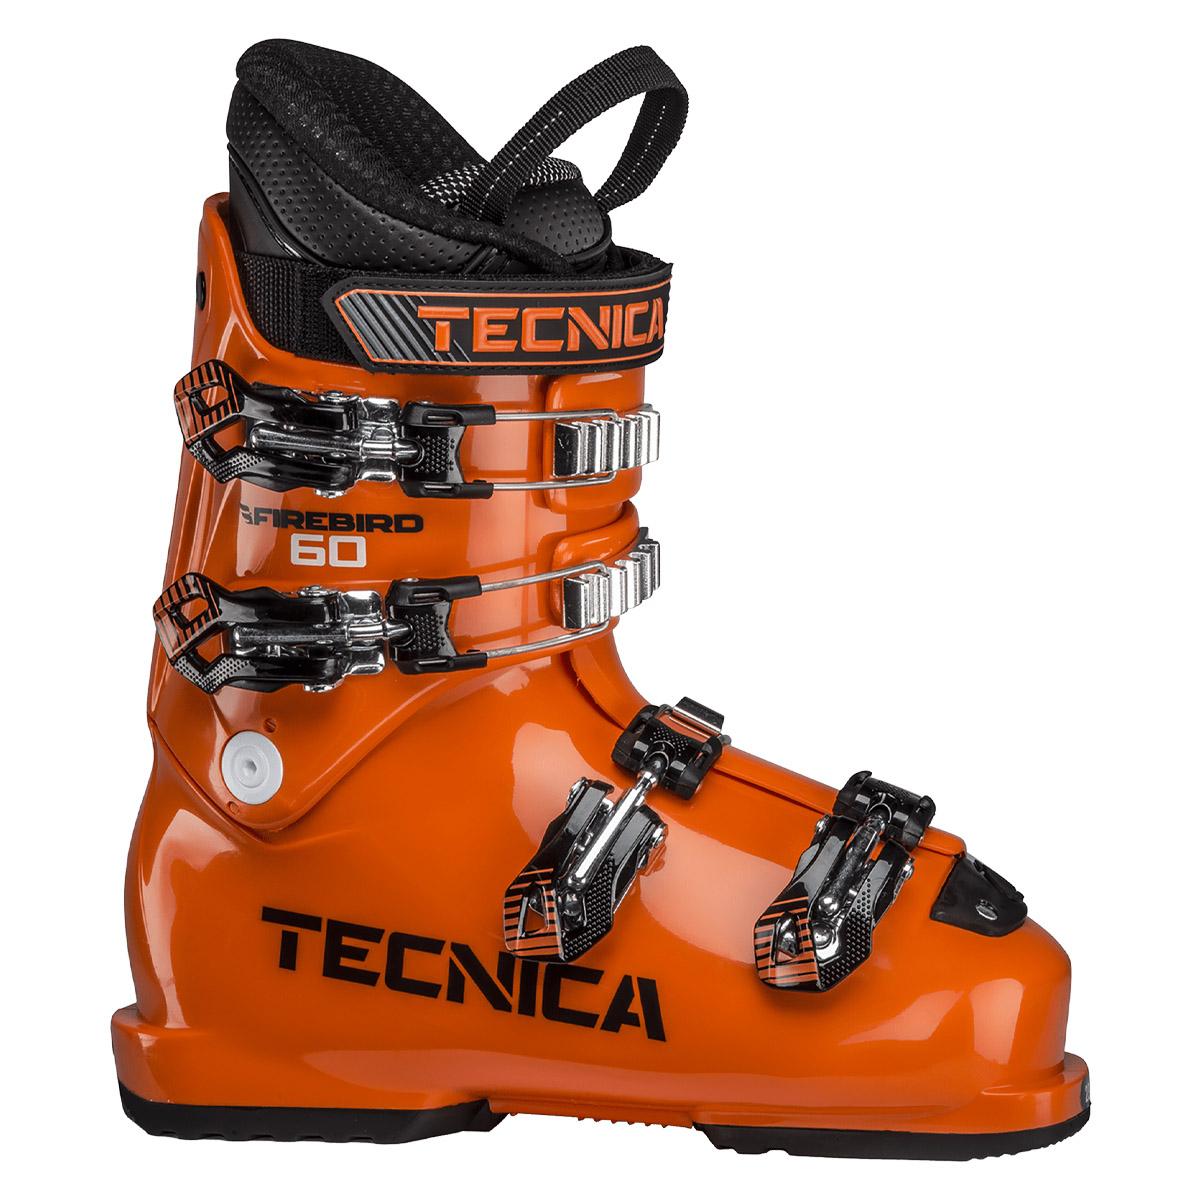 Scarponi sci Tecnica Firebird60W (Colore: ultra orange, Taglia: 23.5)